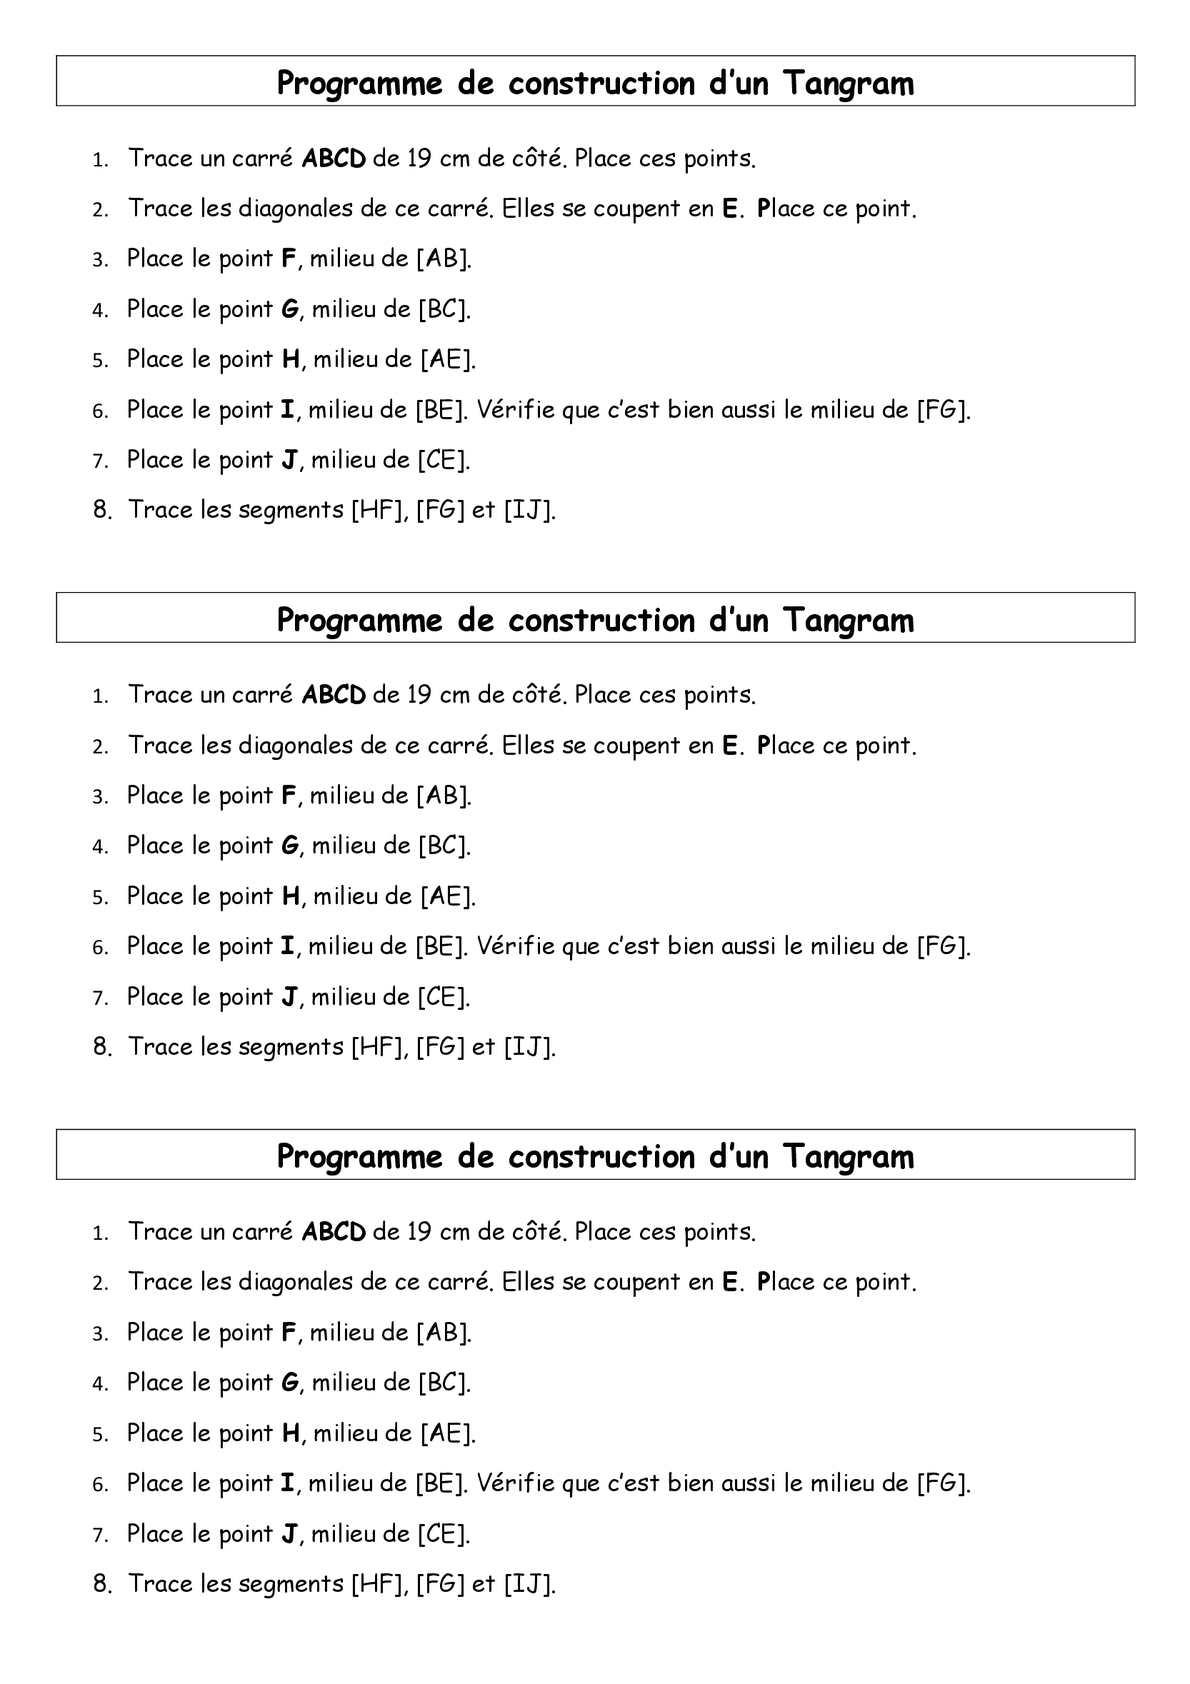 3. Programme